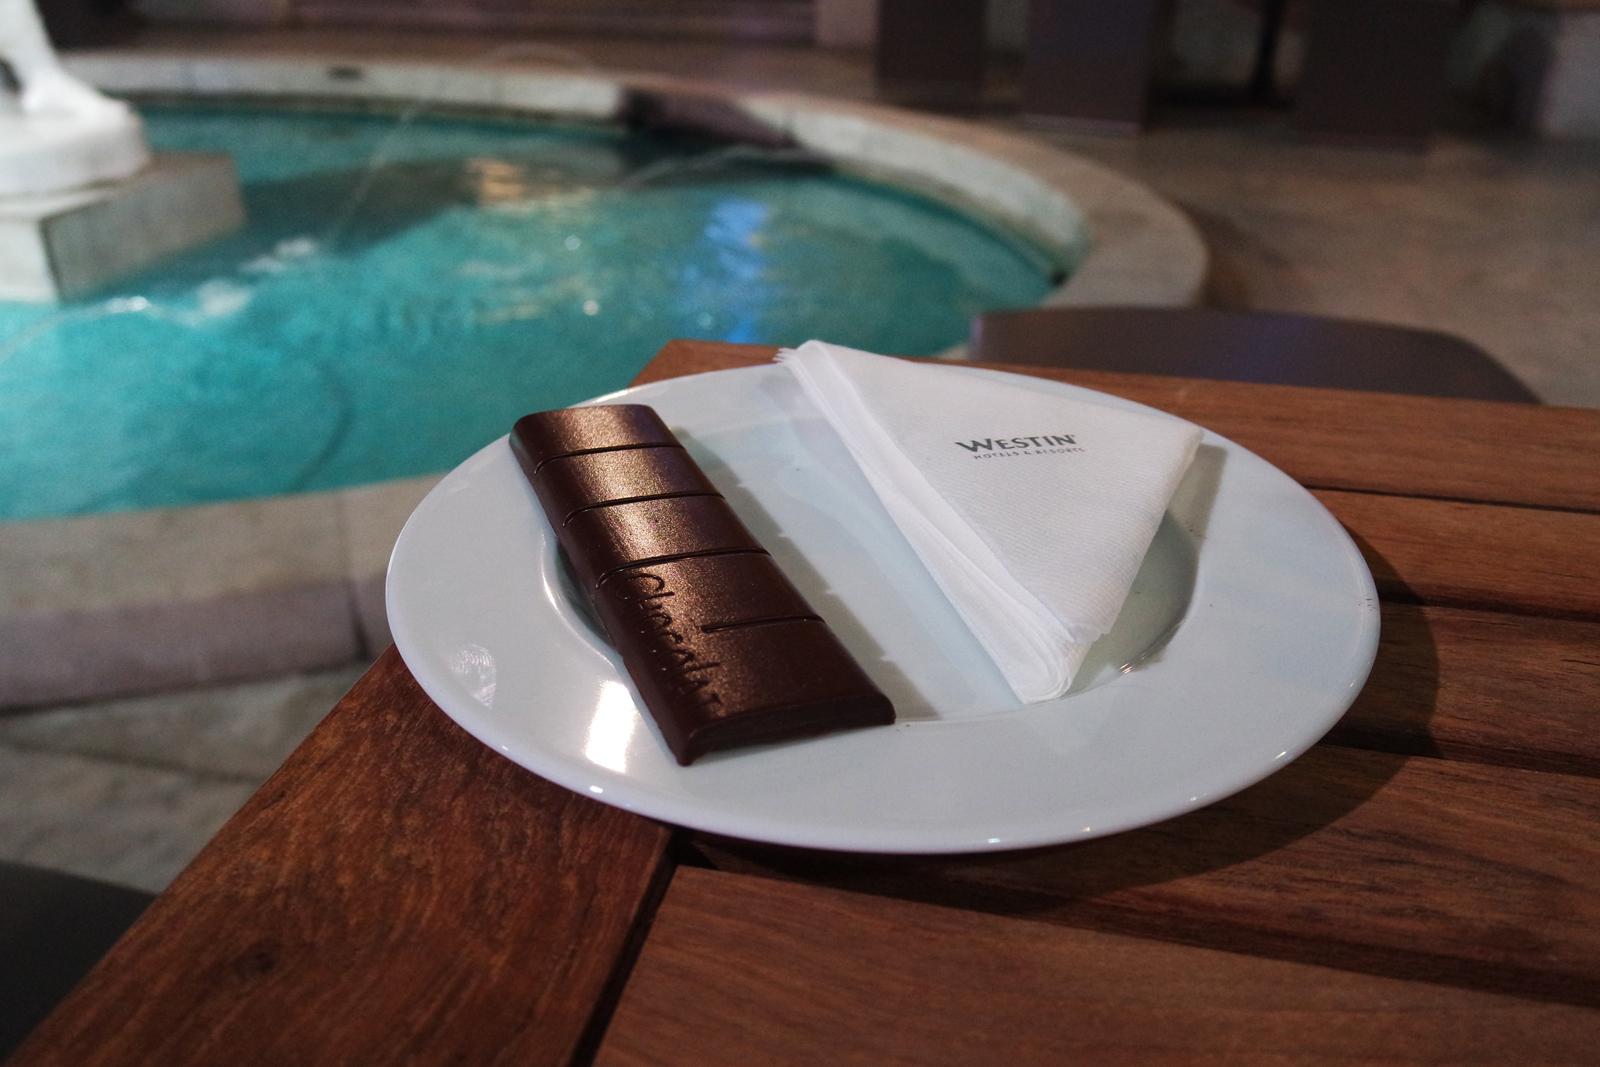 Barre de chocolat dégustation Oeuf de Pâques QUETZALCOATL par Ken Thomas chef patissier The Westin Paris Vendôme cour intérieure hôtel photo usofparis blog